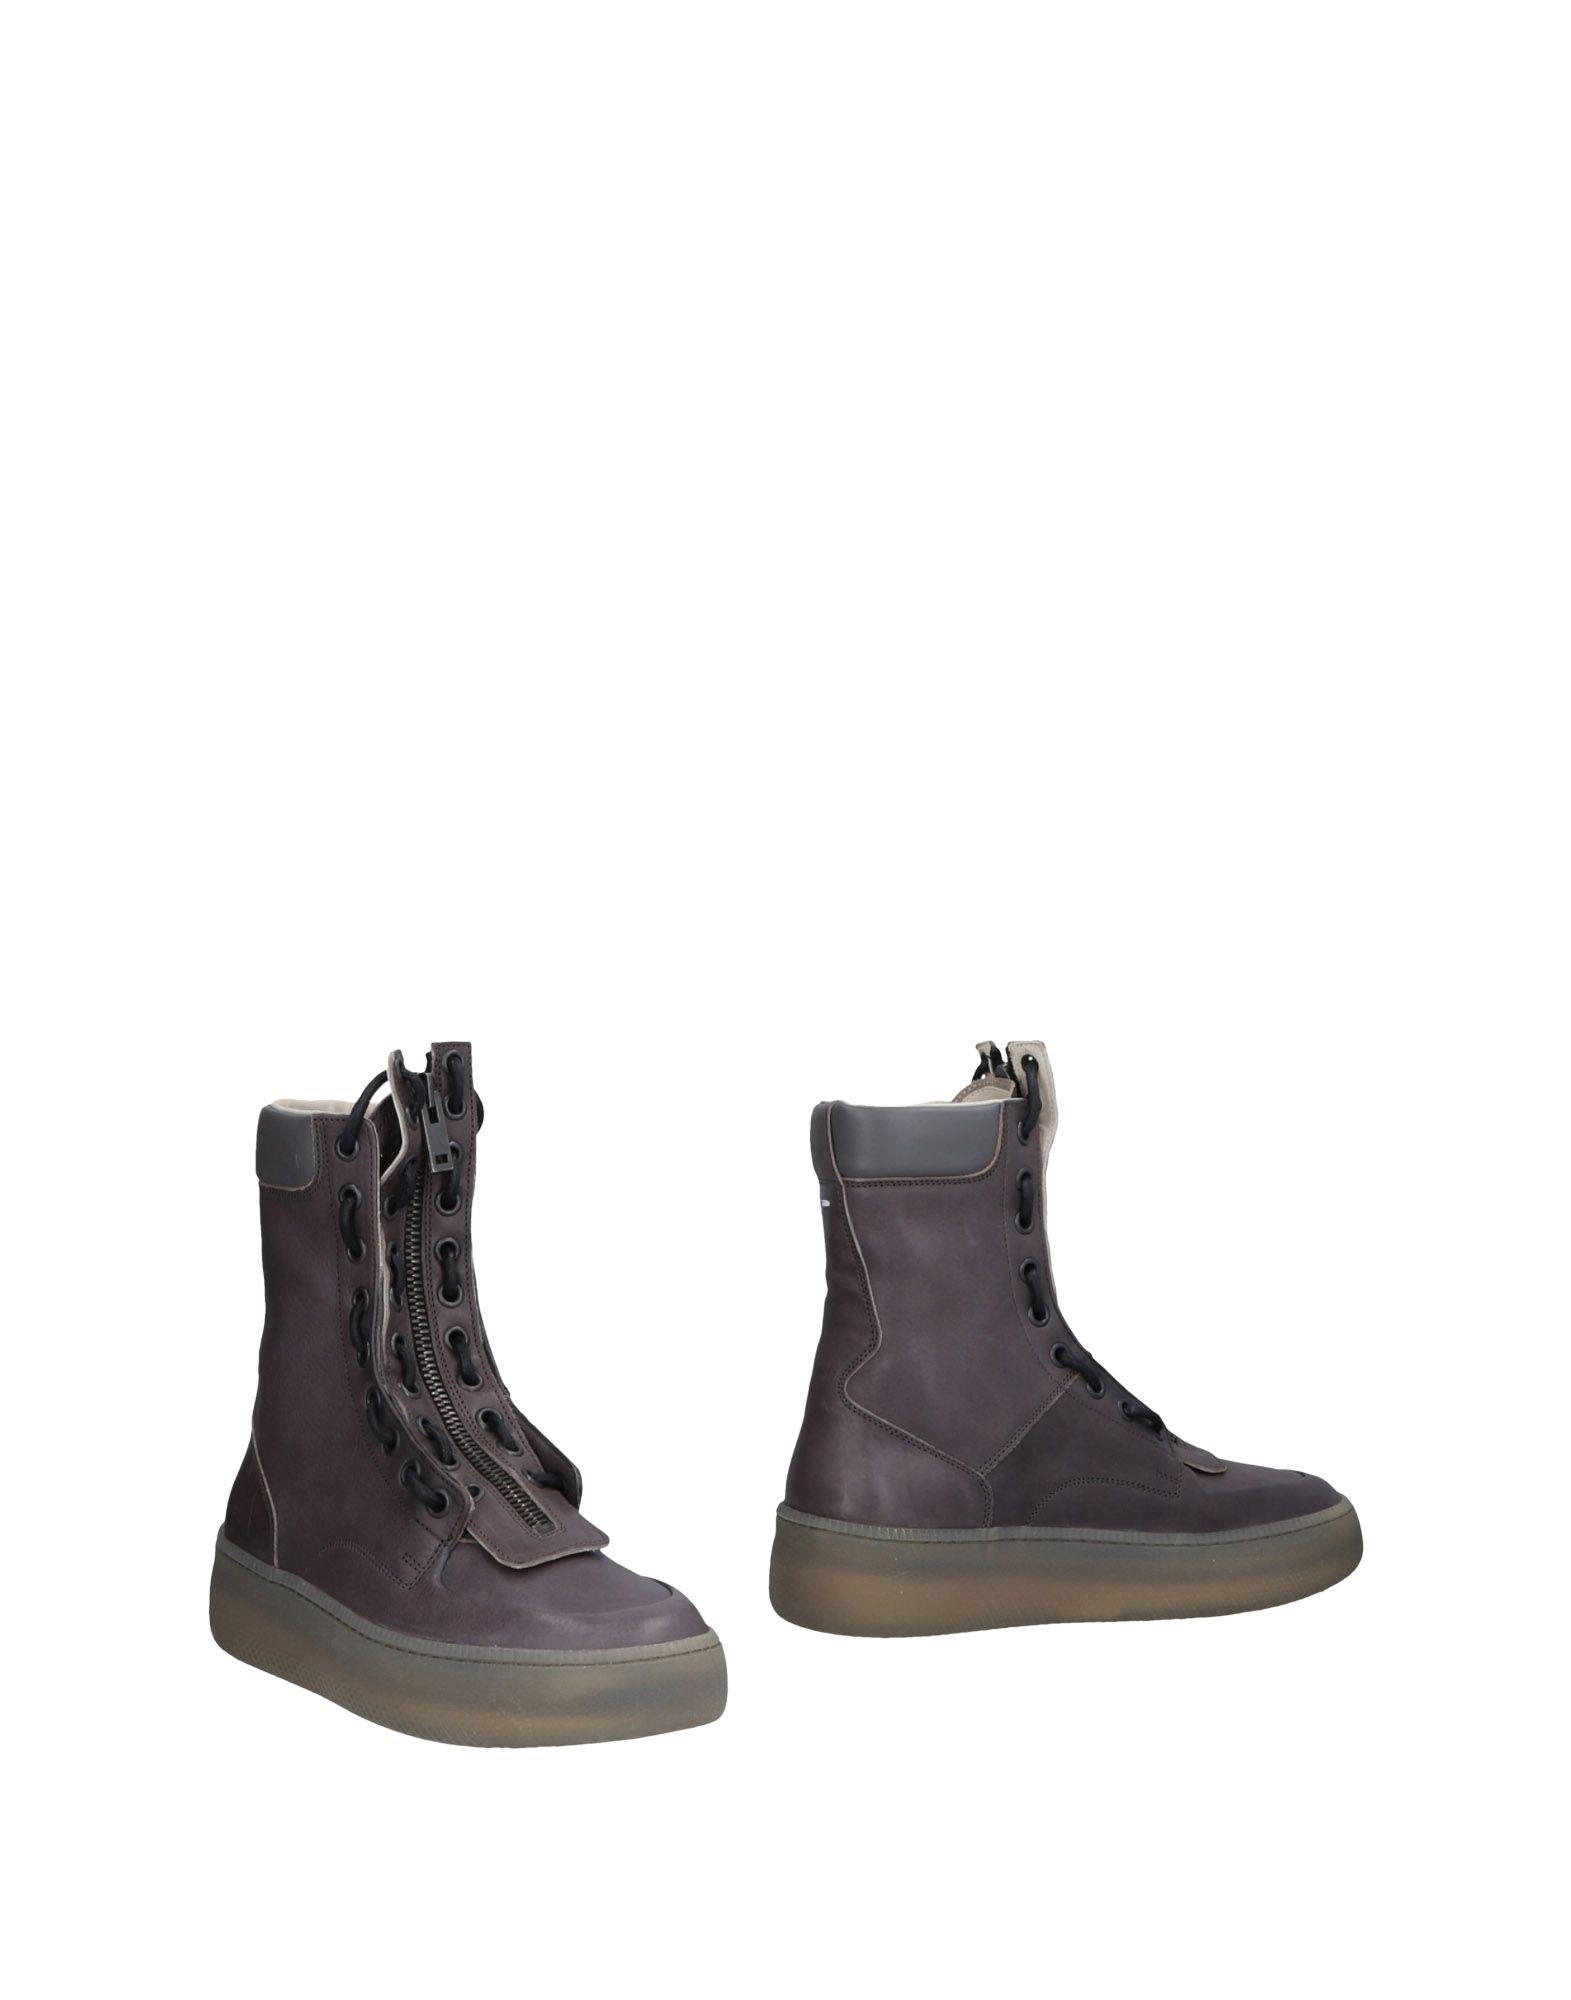 Maison Margiela Stiefelette Herren  11471939CB Gute Qualität beliebte Schuhe